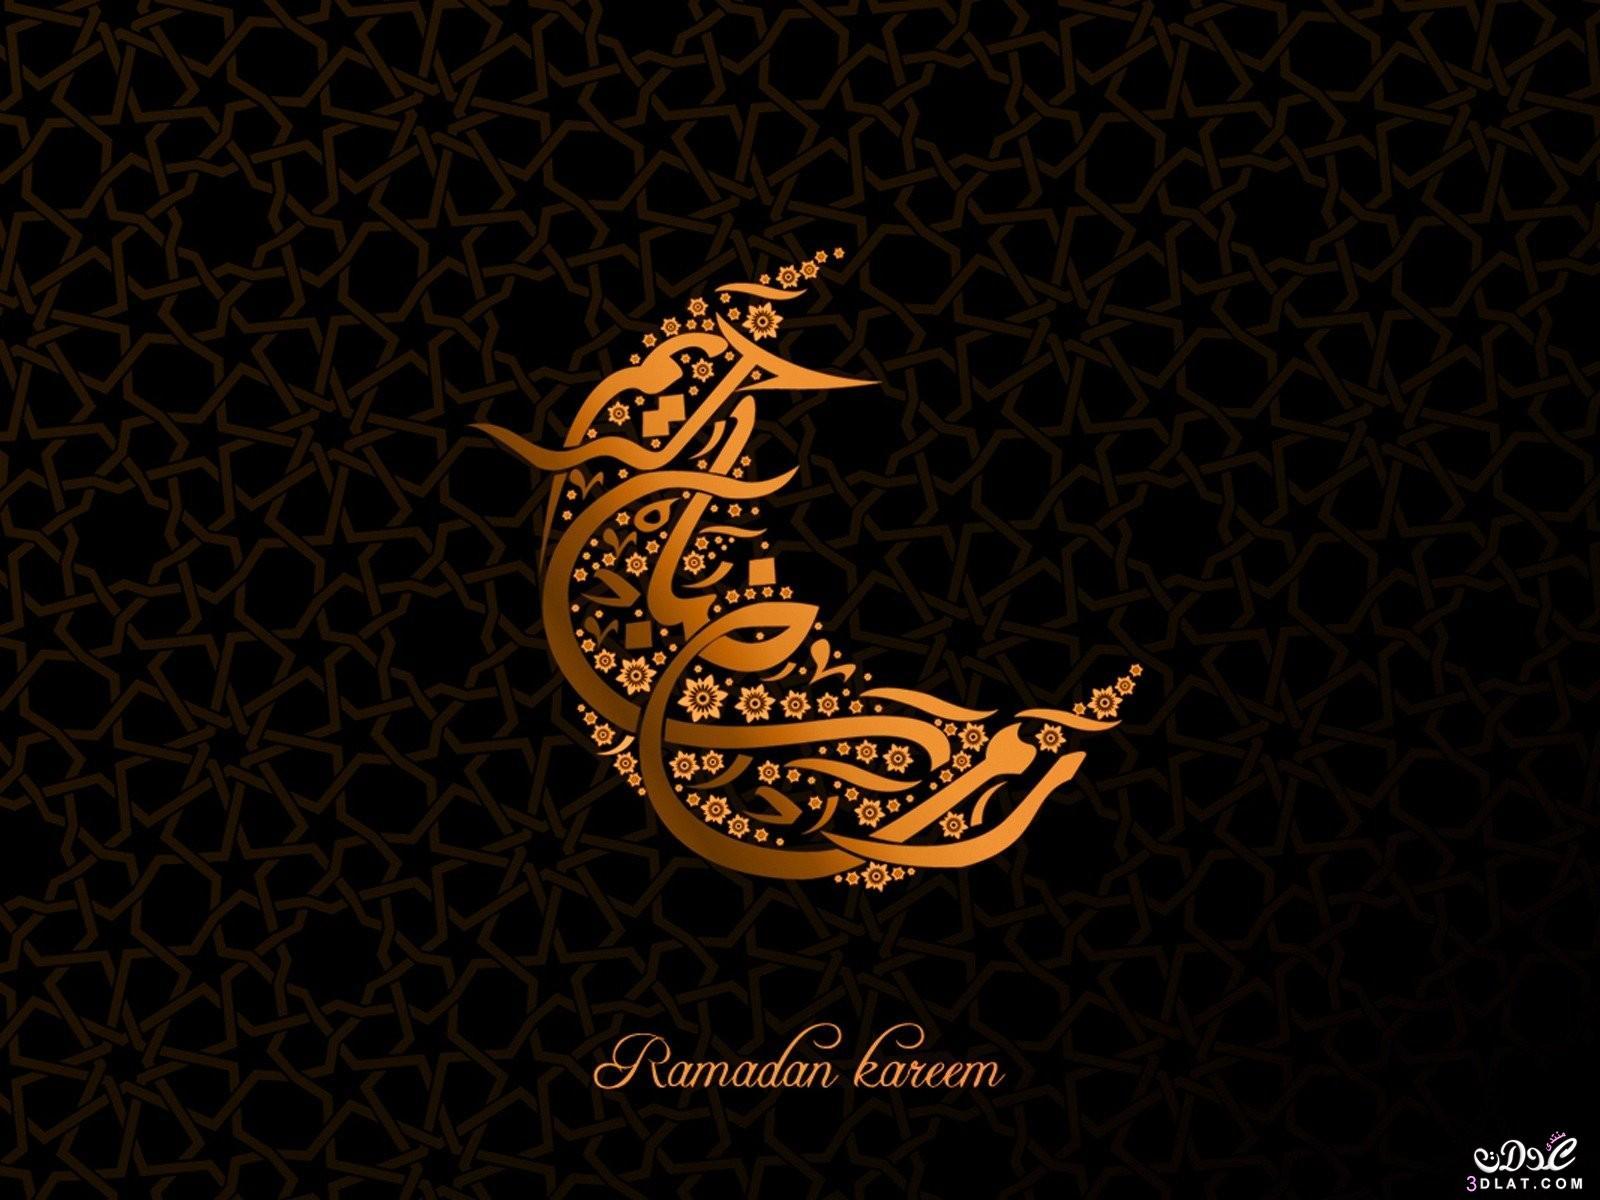 اجمل بوستات للفيس احدث بوستات رمضانيه 3dlat.net_14_15_2ebb